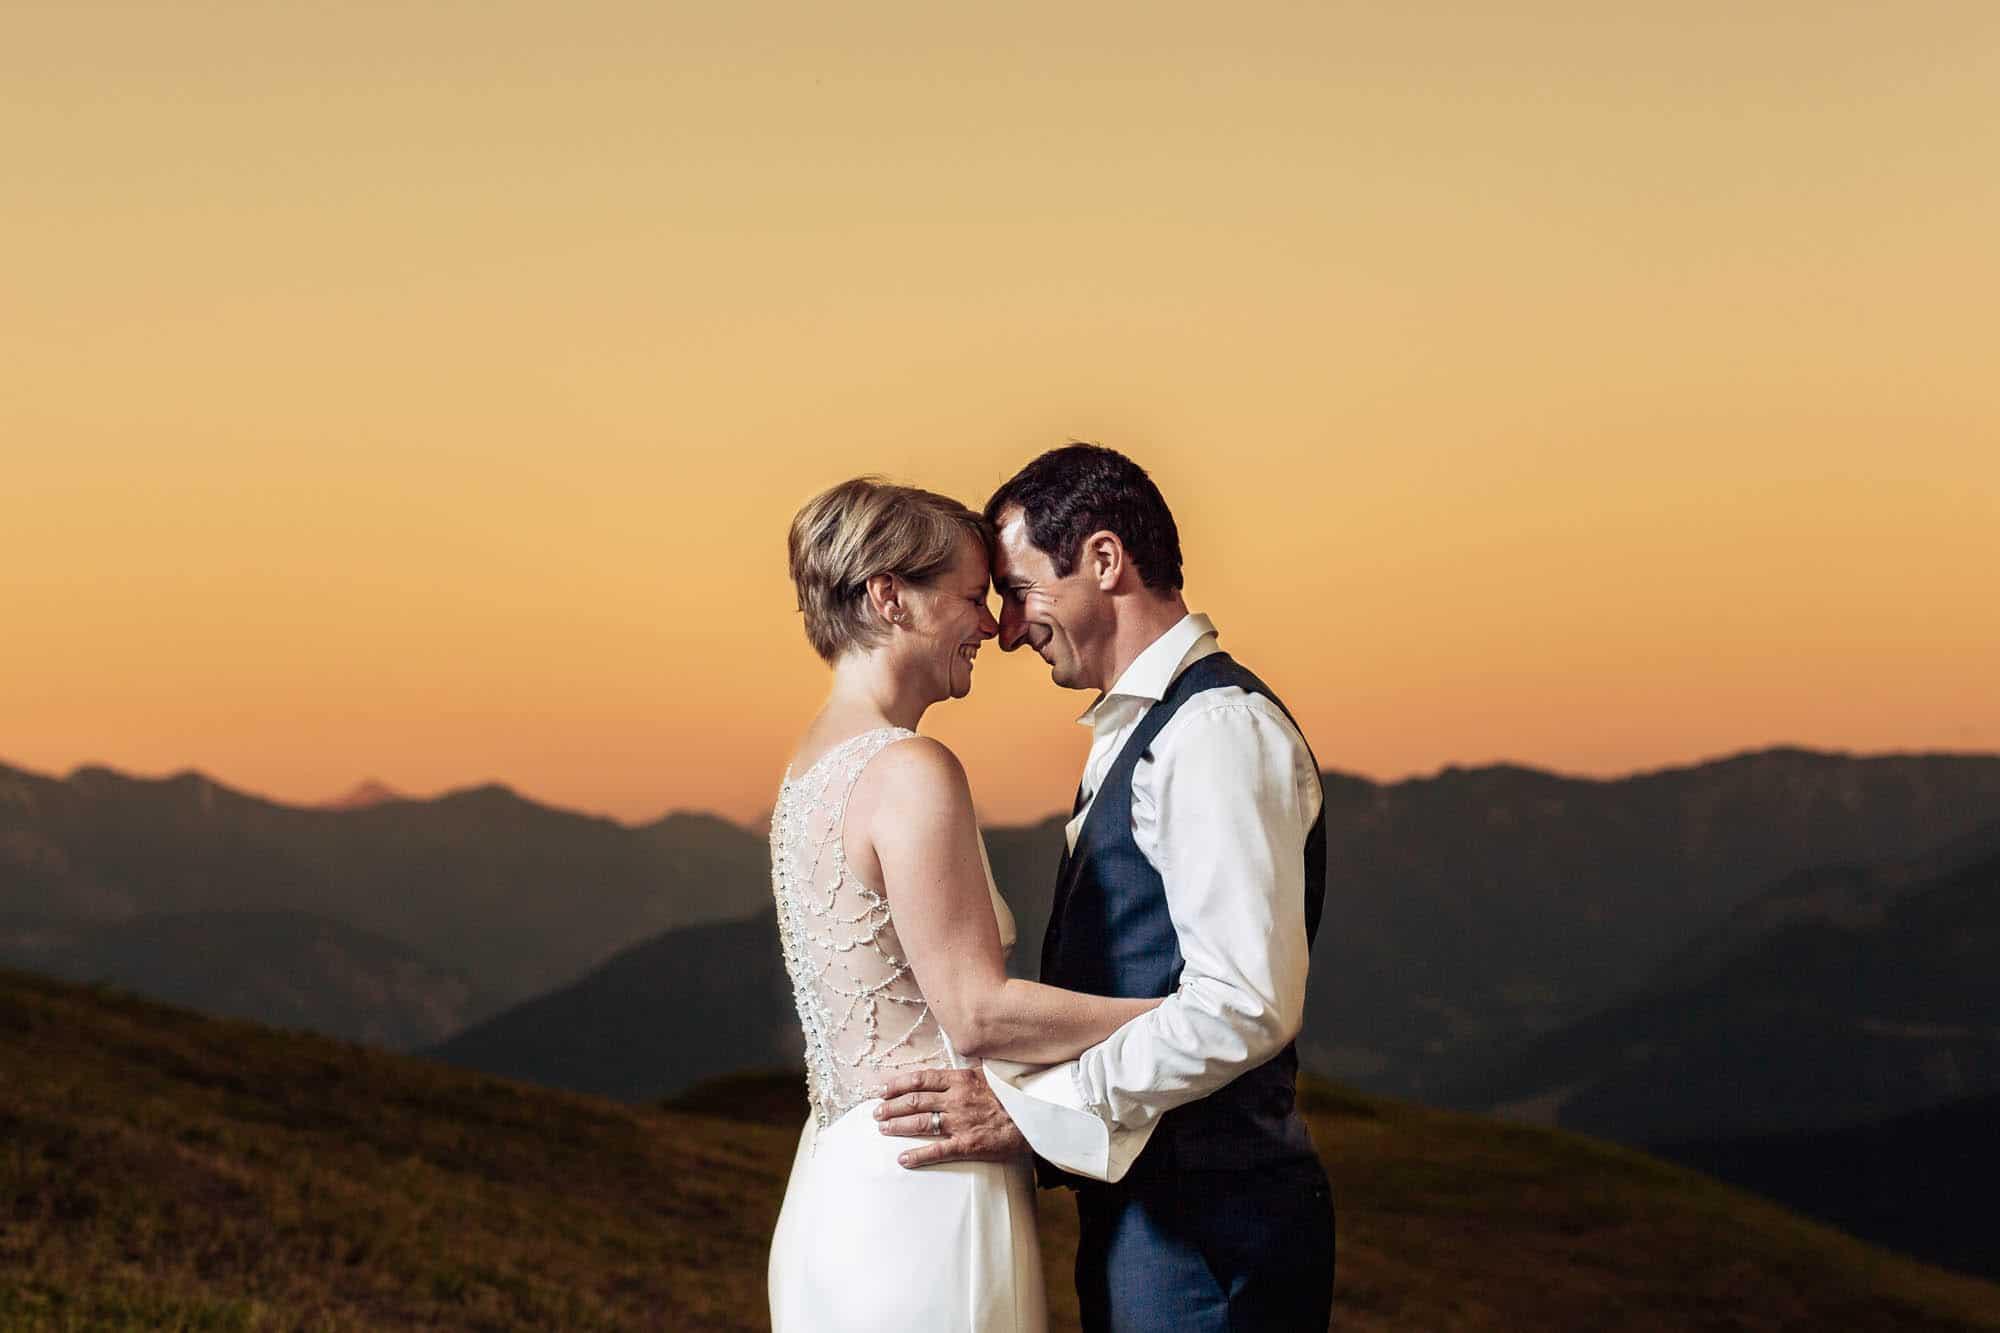 Hochzeitsfotos Flims Brautpaar romantisch bei Sonnenuntergang